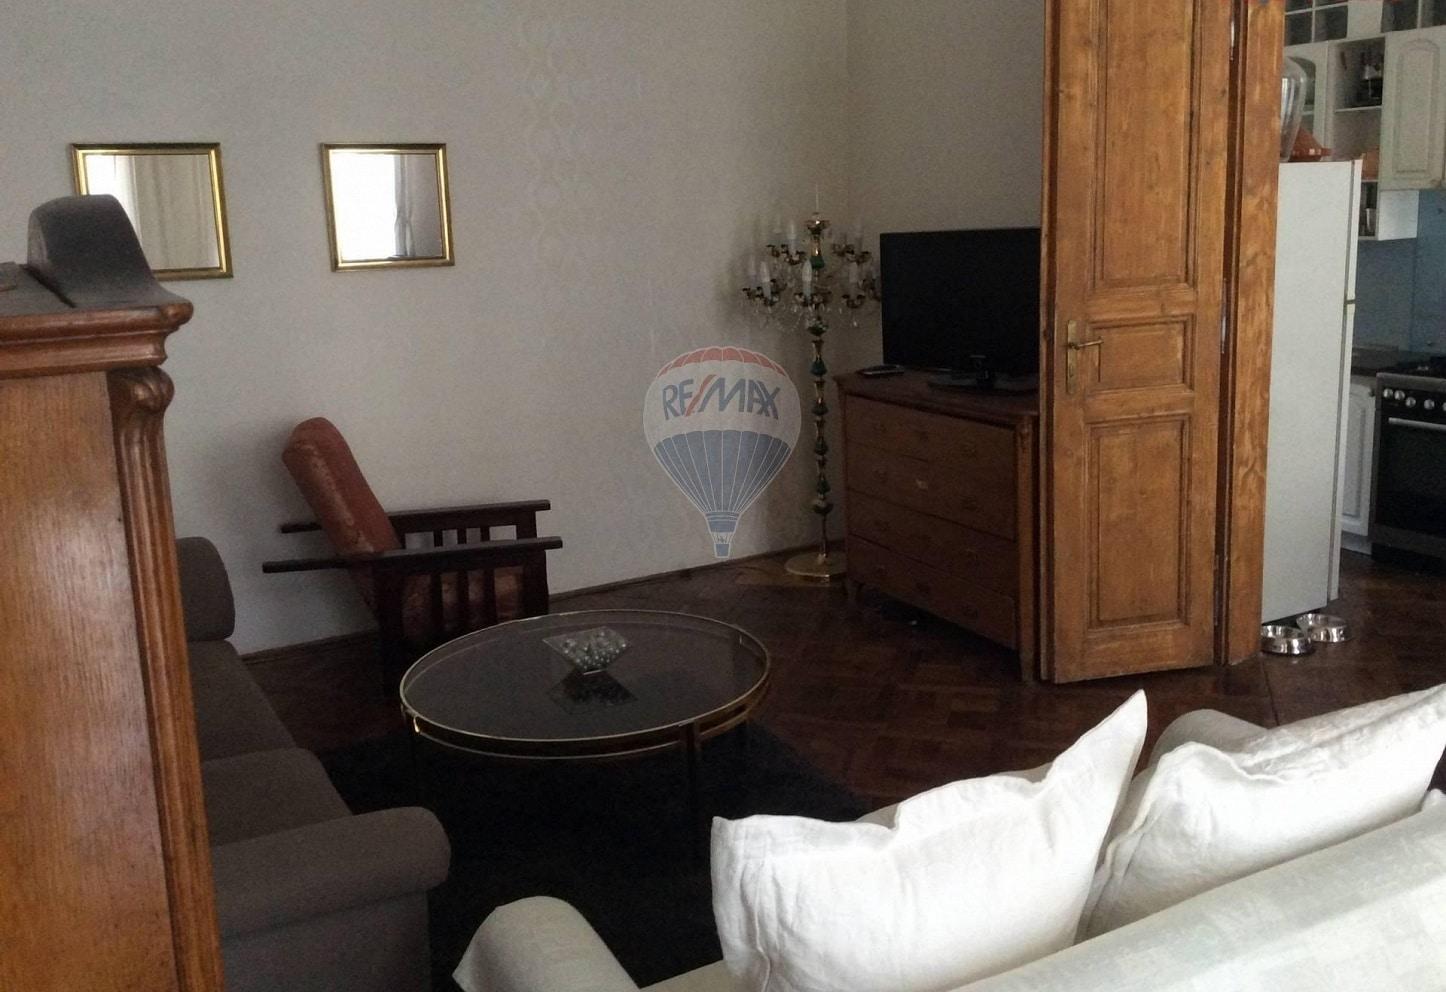 דירת 3 חדרים למכירה בפראג 1 על 78 מר (10)